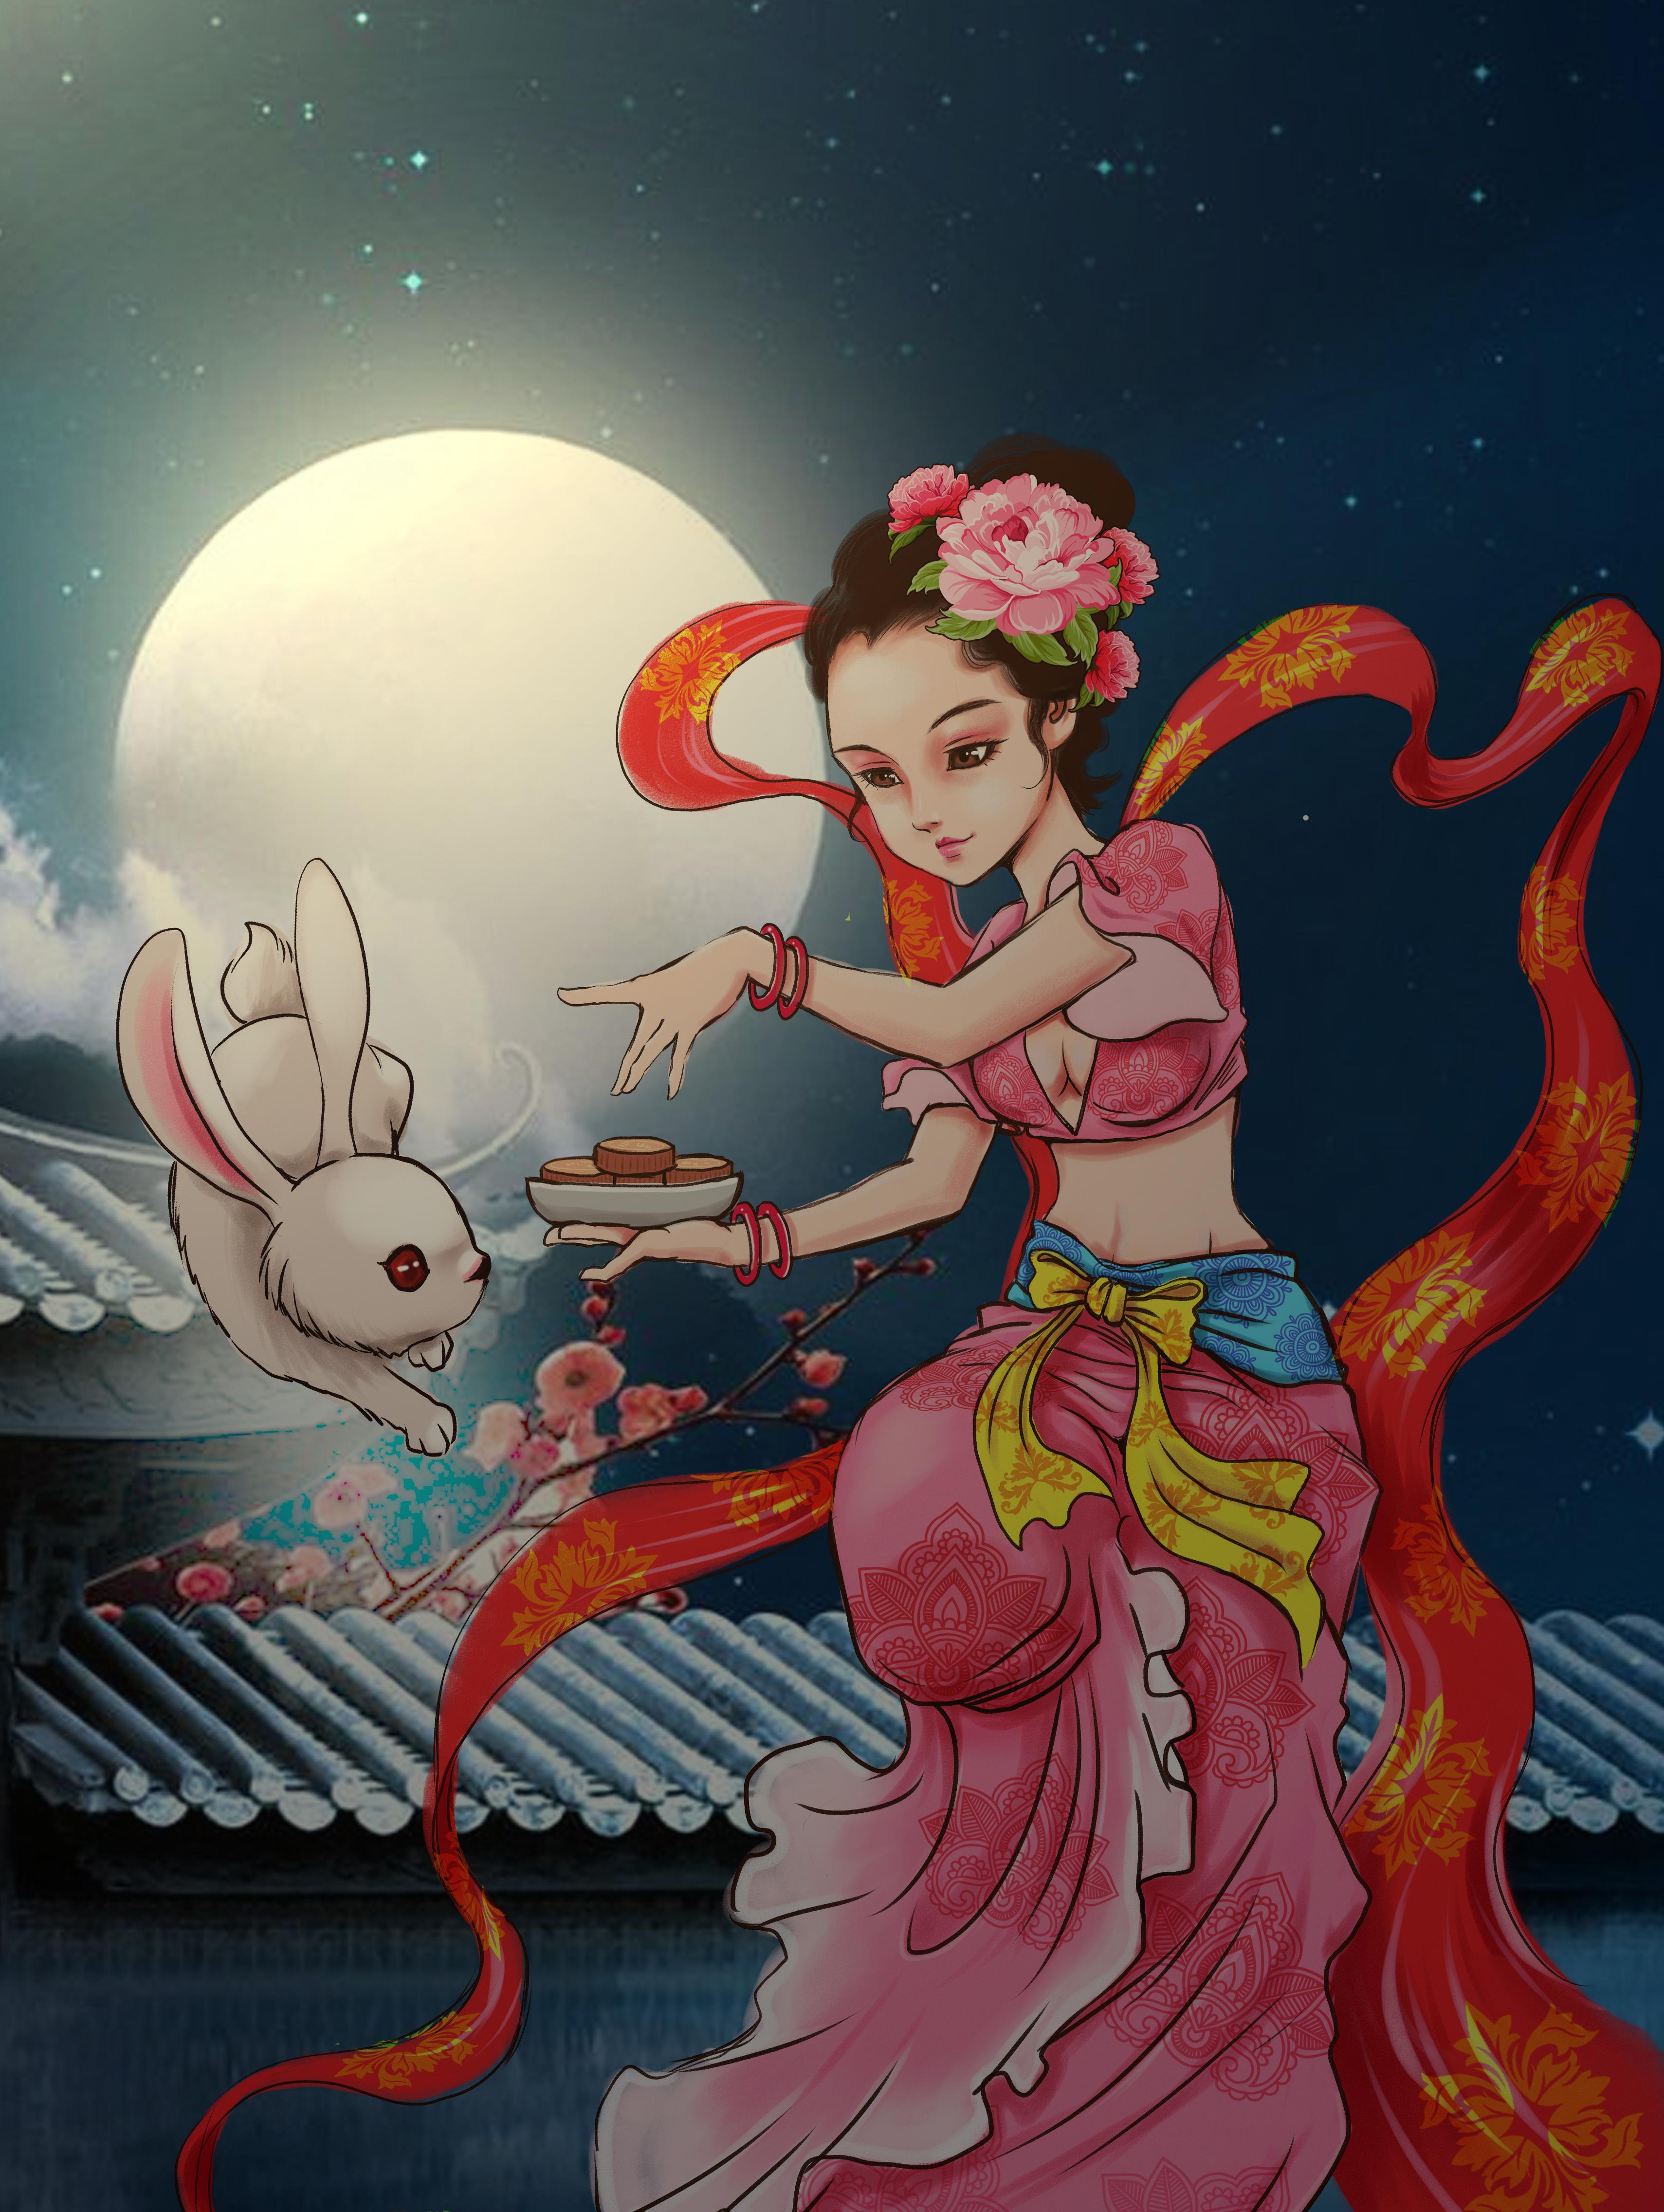 吃月饼嫦娥奔月-吃月饼